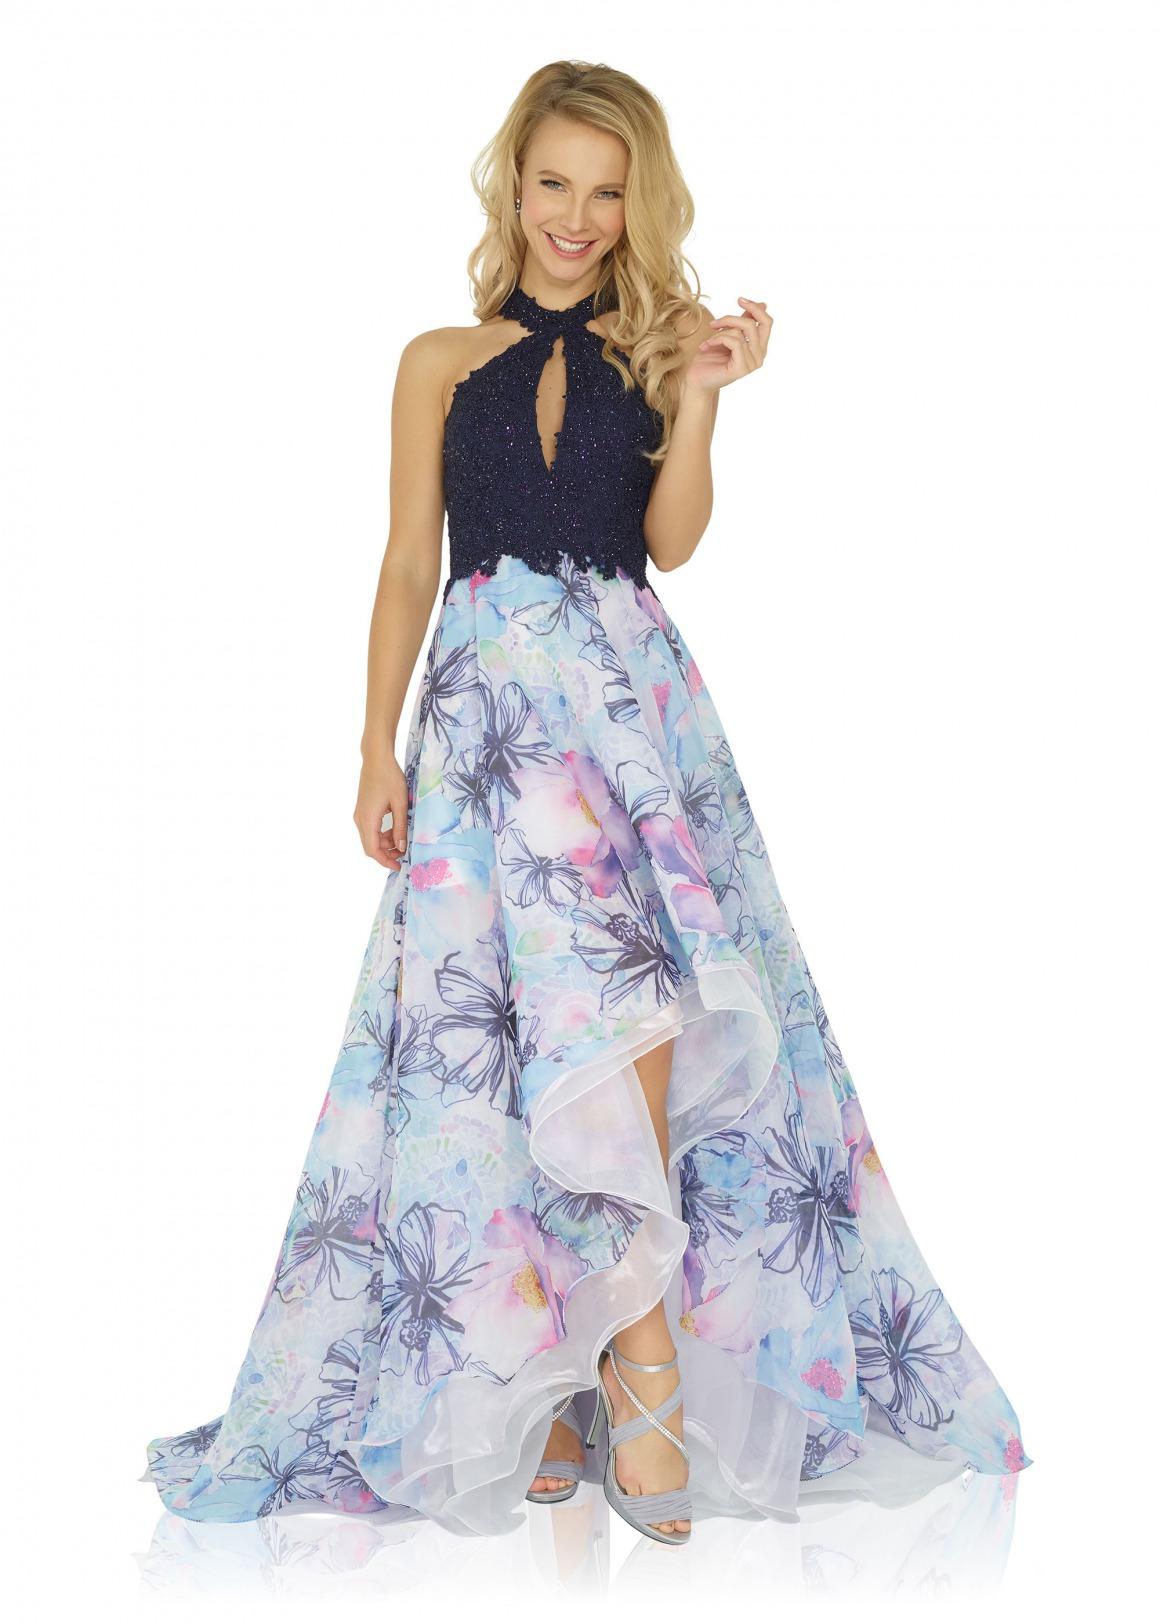 Ballkleid Festmode Anlass Mode langes Kleid Oberteil mit Perlen Neckholder navy blau dunkelblau Rock Chiffon mit Blumendruck vokuhila